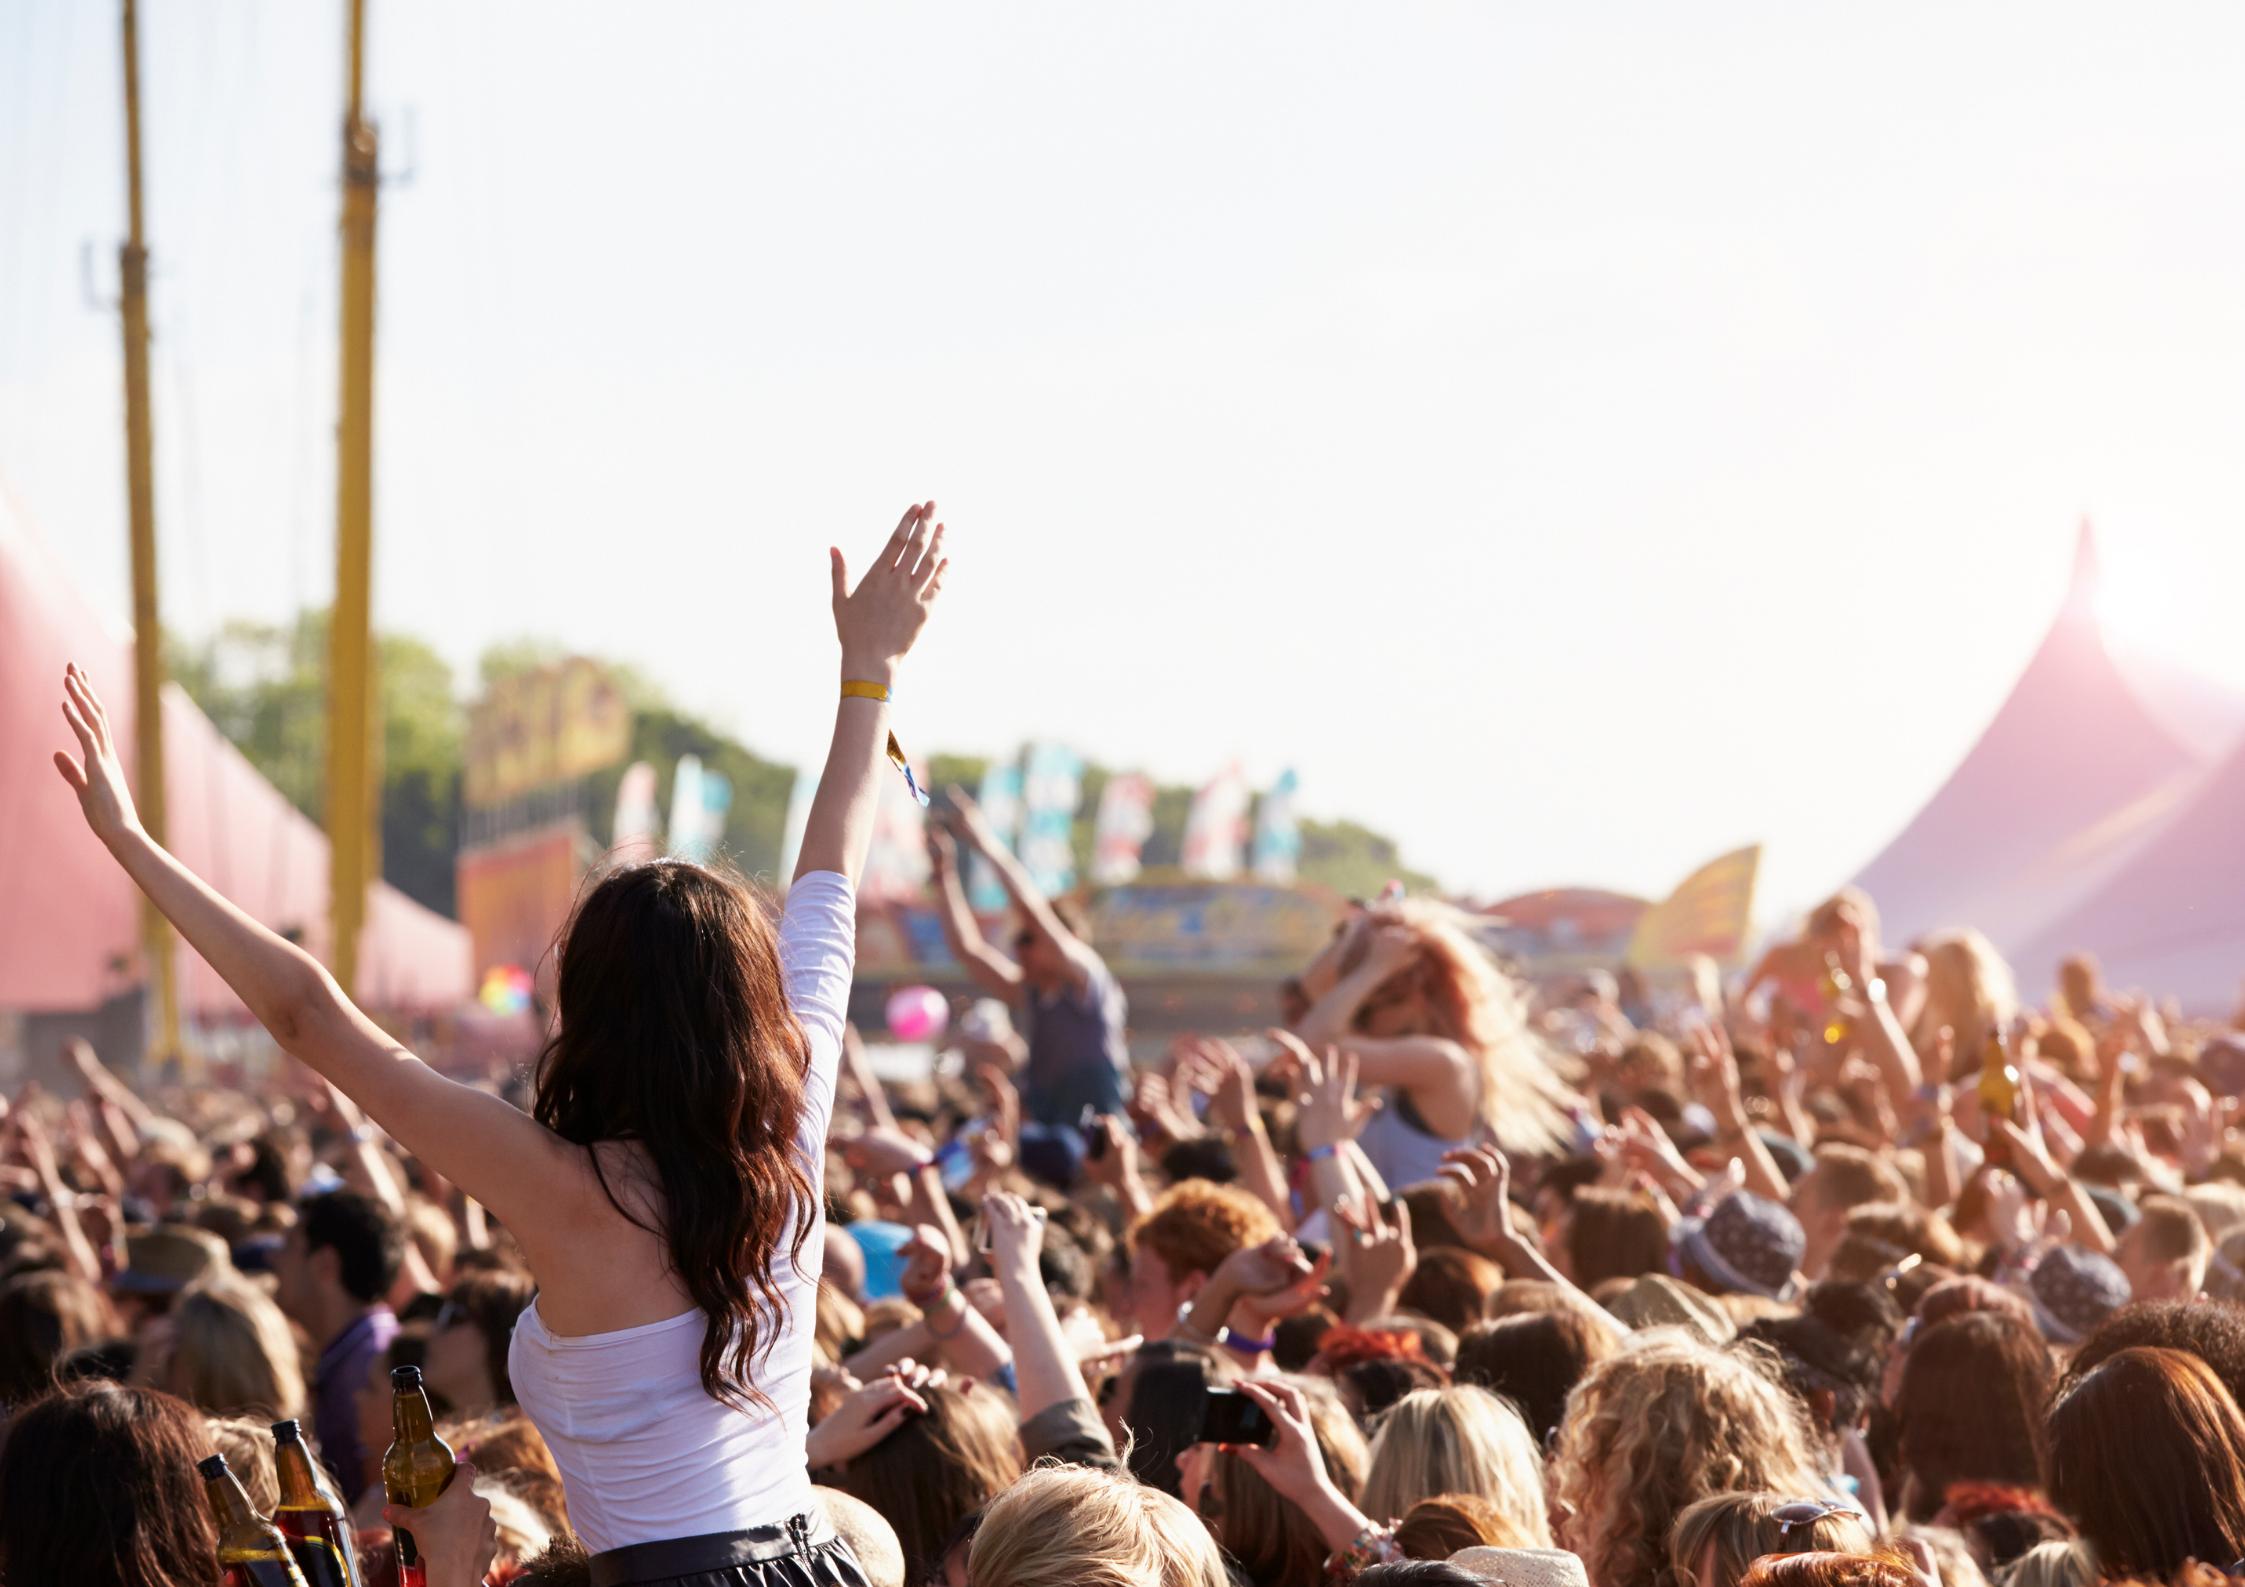 Pourquoi certains festivals choisissent d'annuler ou reporter les dates ?